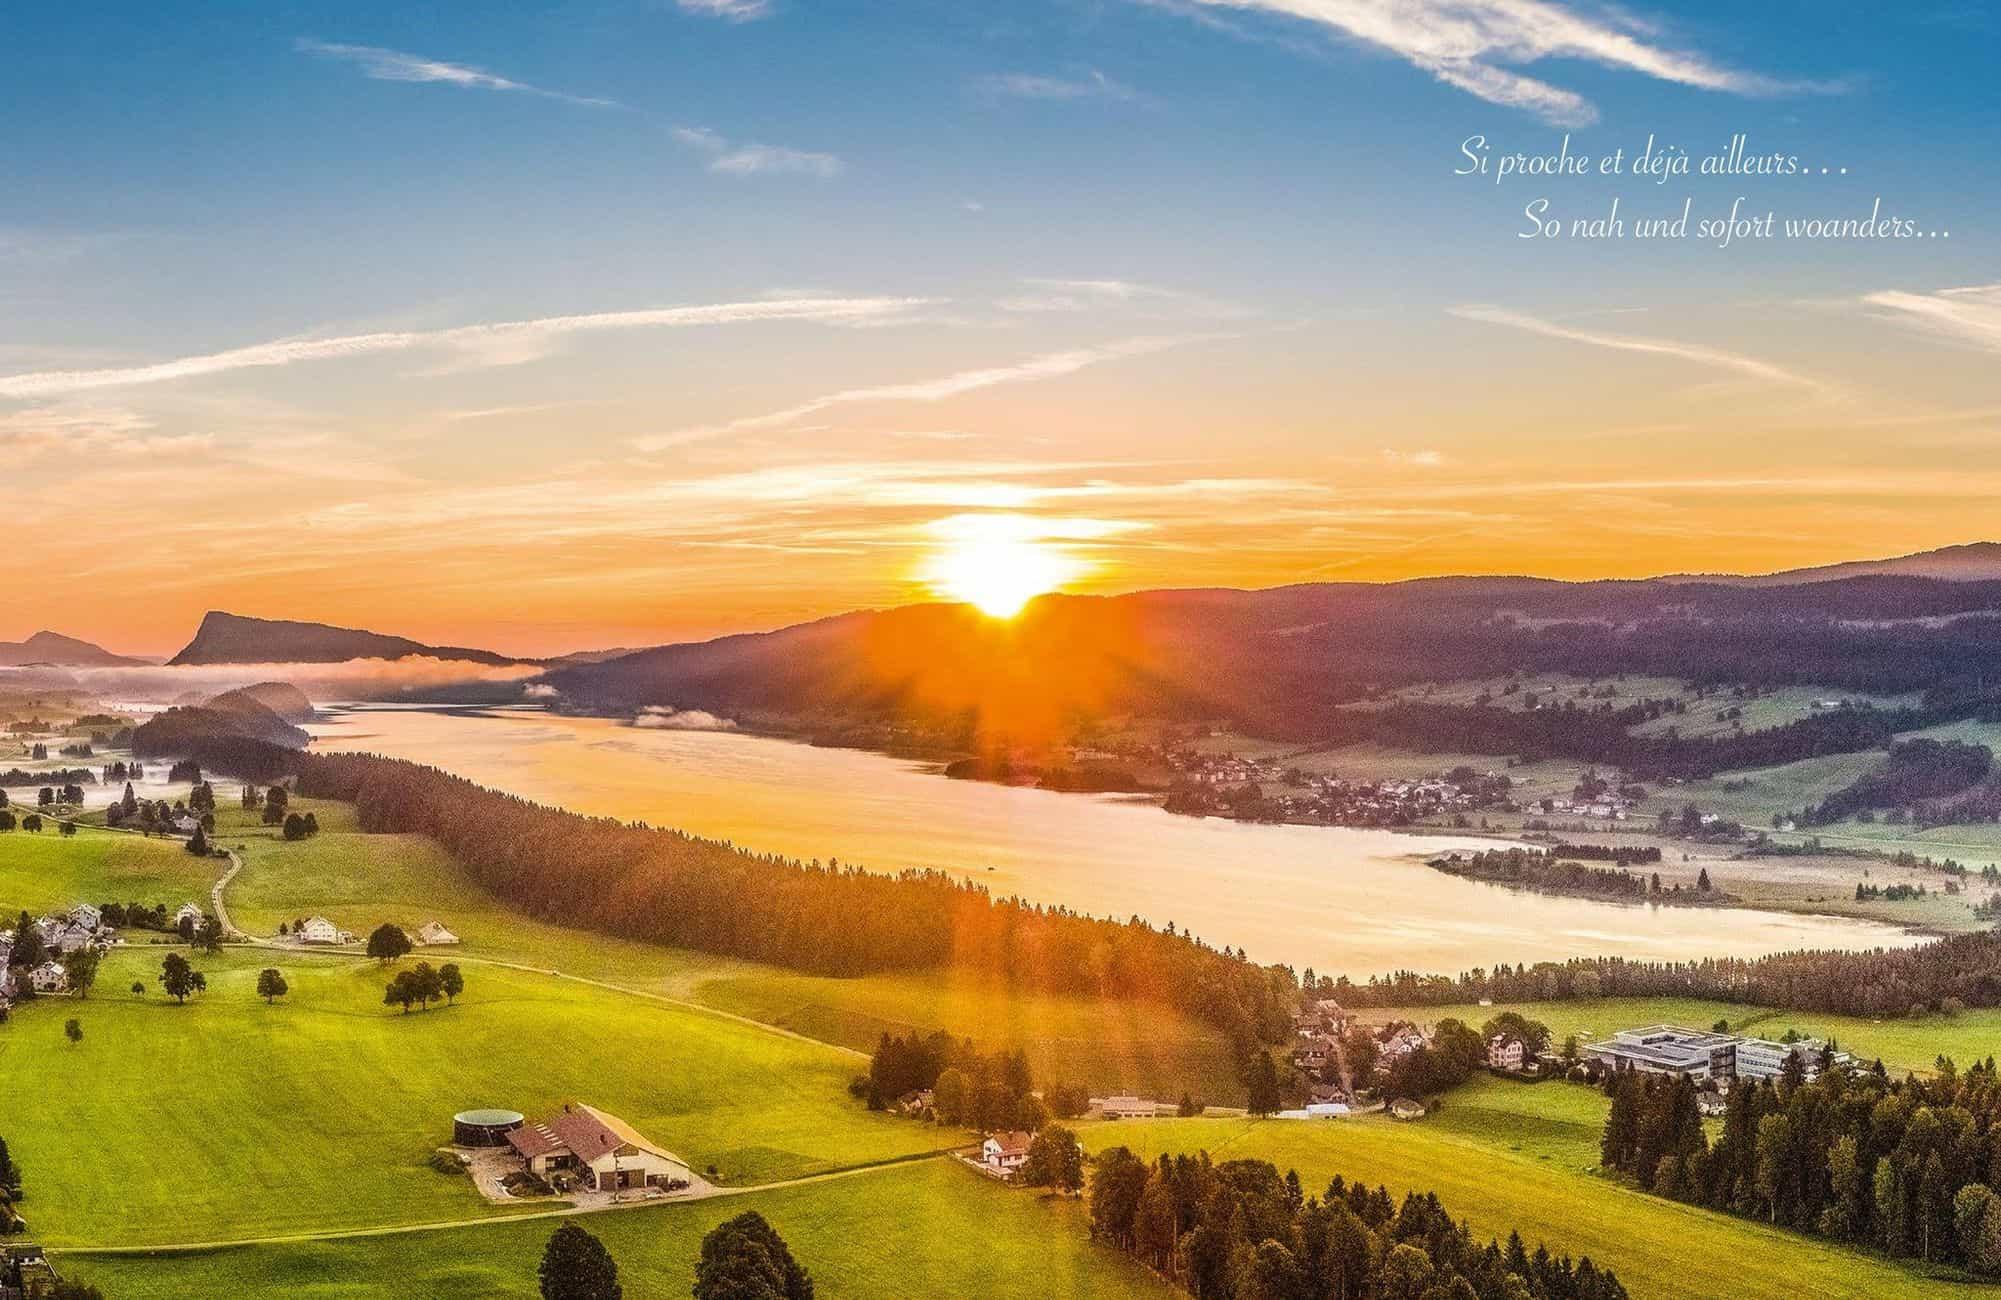 Les cartes postales vendent une image «nature» de la vallée de Joux. VALLEE DE JOUX TOURISME – DR